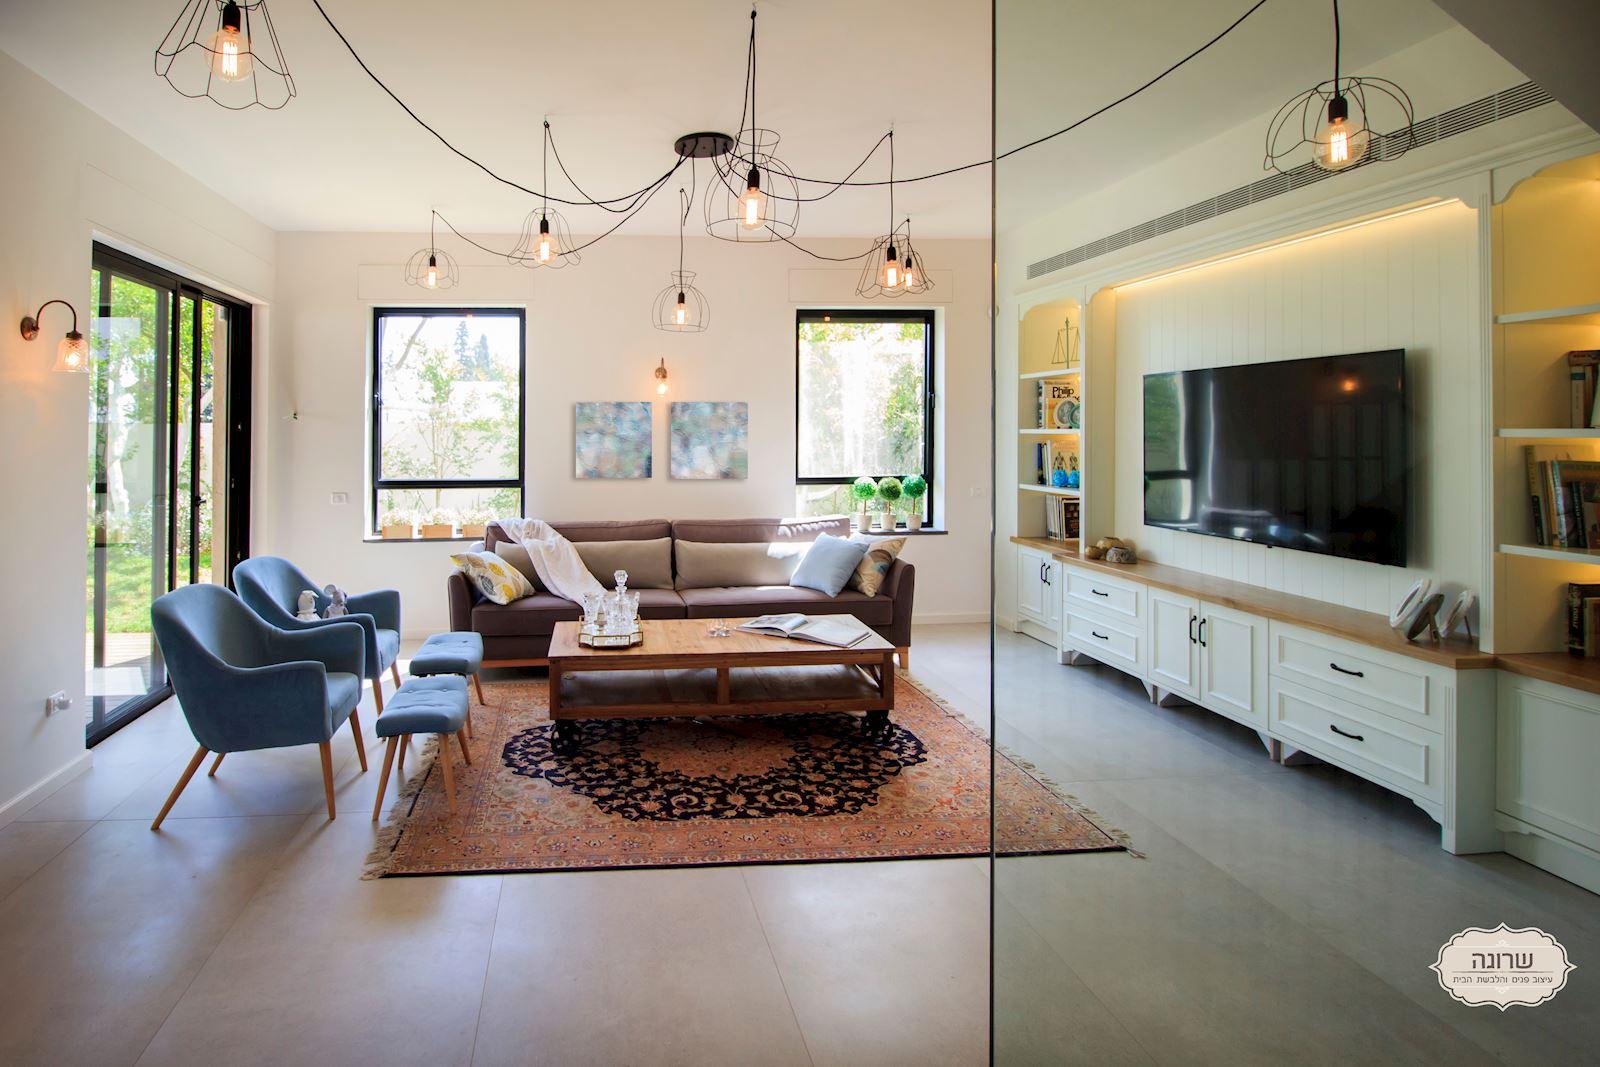 פרוייקט עיצוב מיוחד בסלון הבית